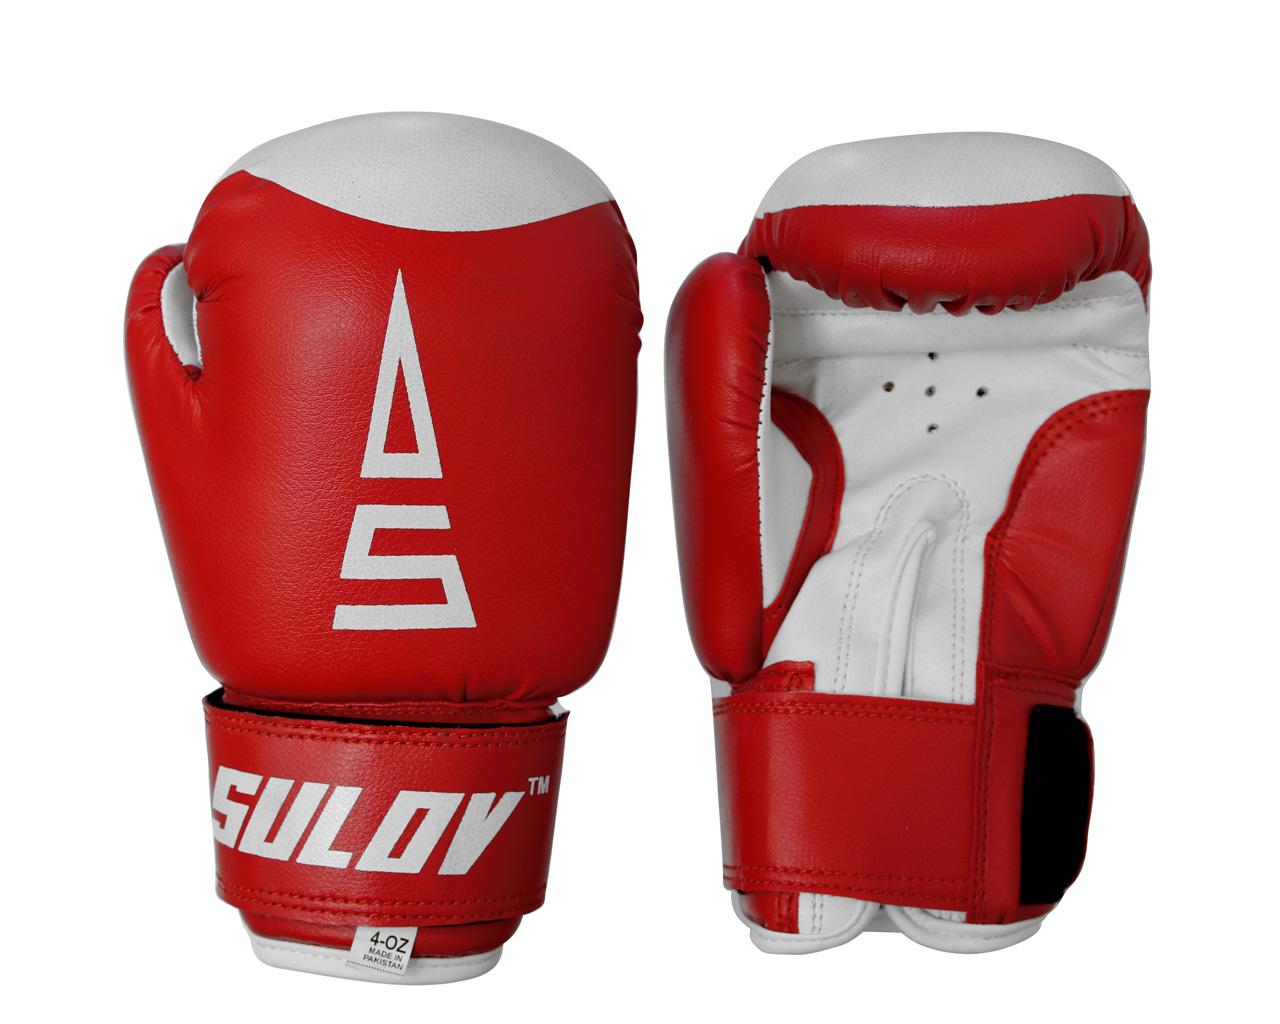 Sulov Dětské boxerské rukavice 4 oz červené